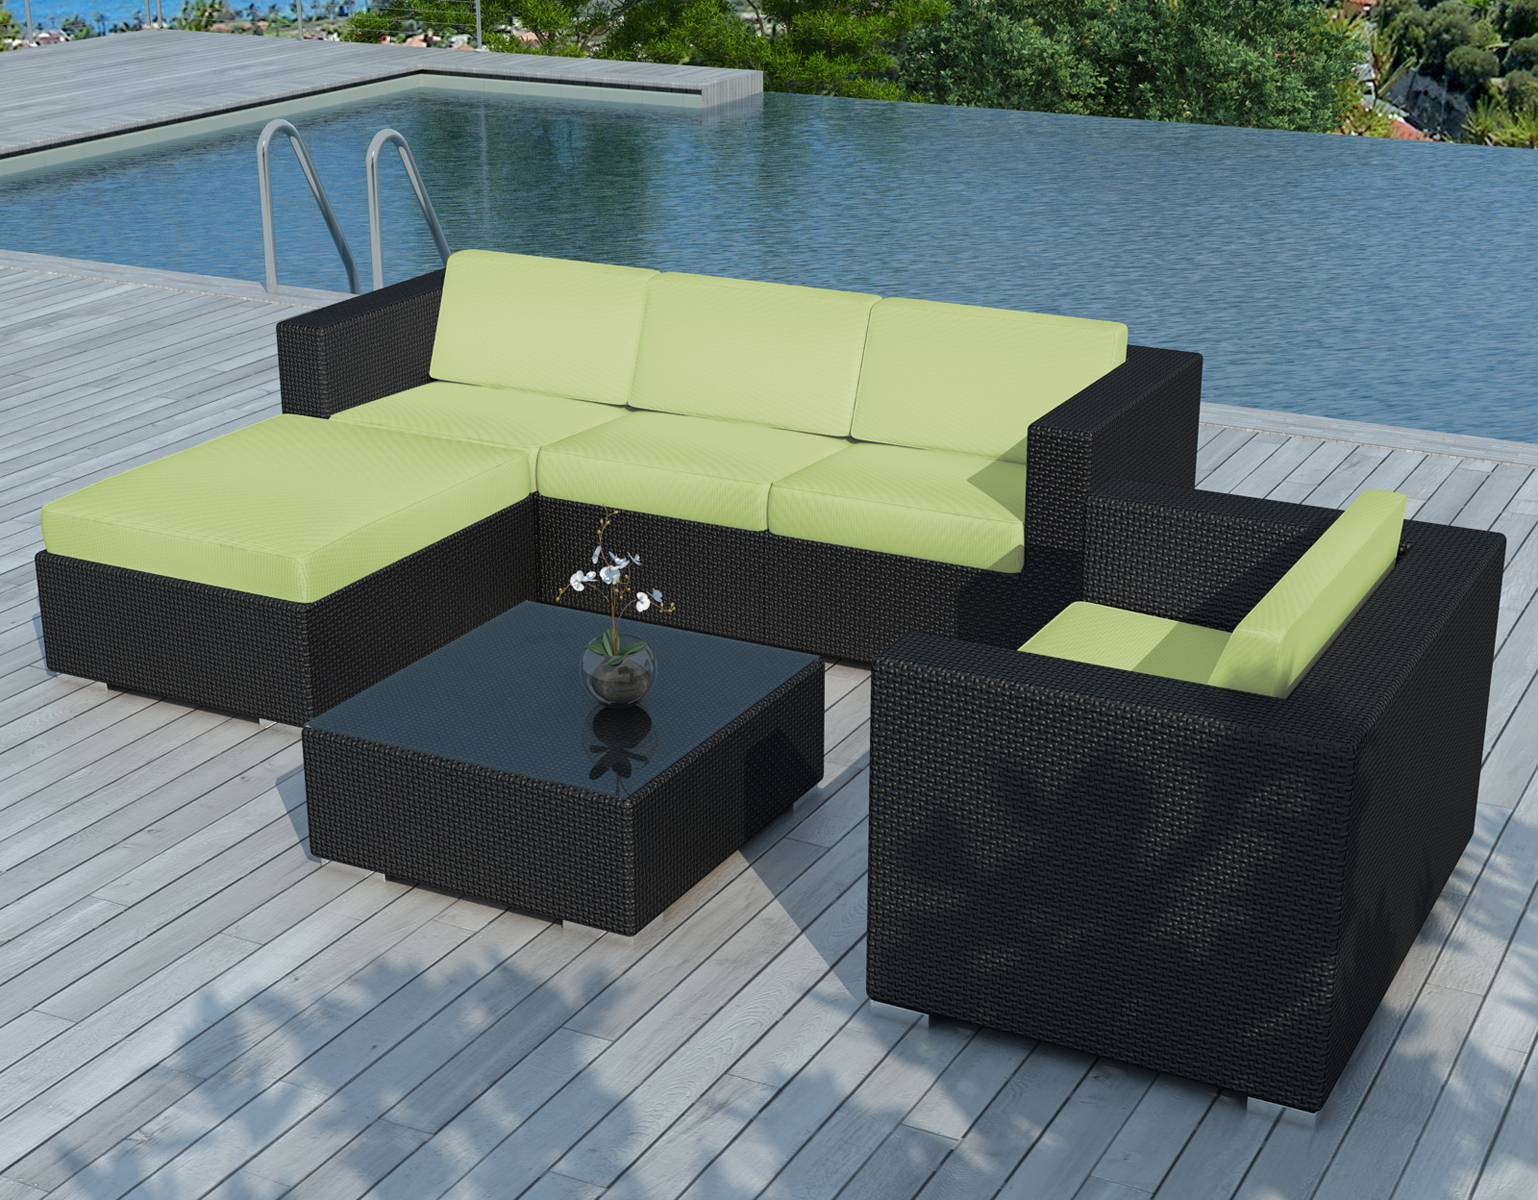 Salon De Jardin Copacabana 6 Pièces En Résine Noire Et Coussins Tissu Blanc  Écru + Un Jeu De Housse Tissu Vert avec Tissu Pour Salon De Jardin